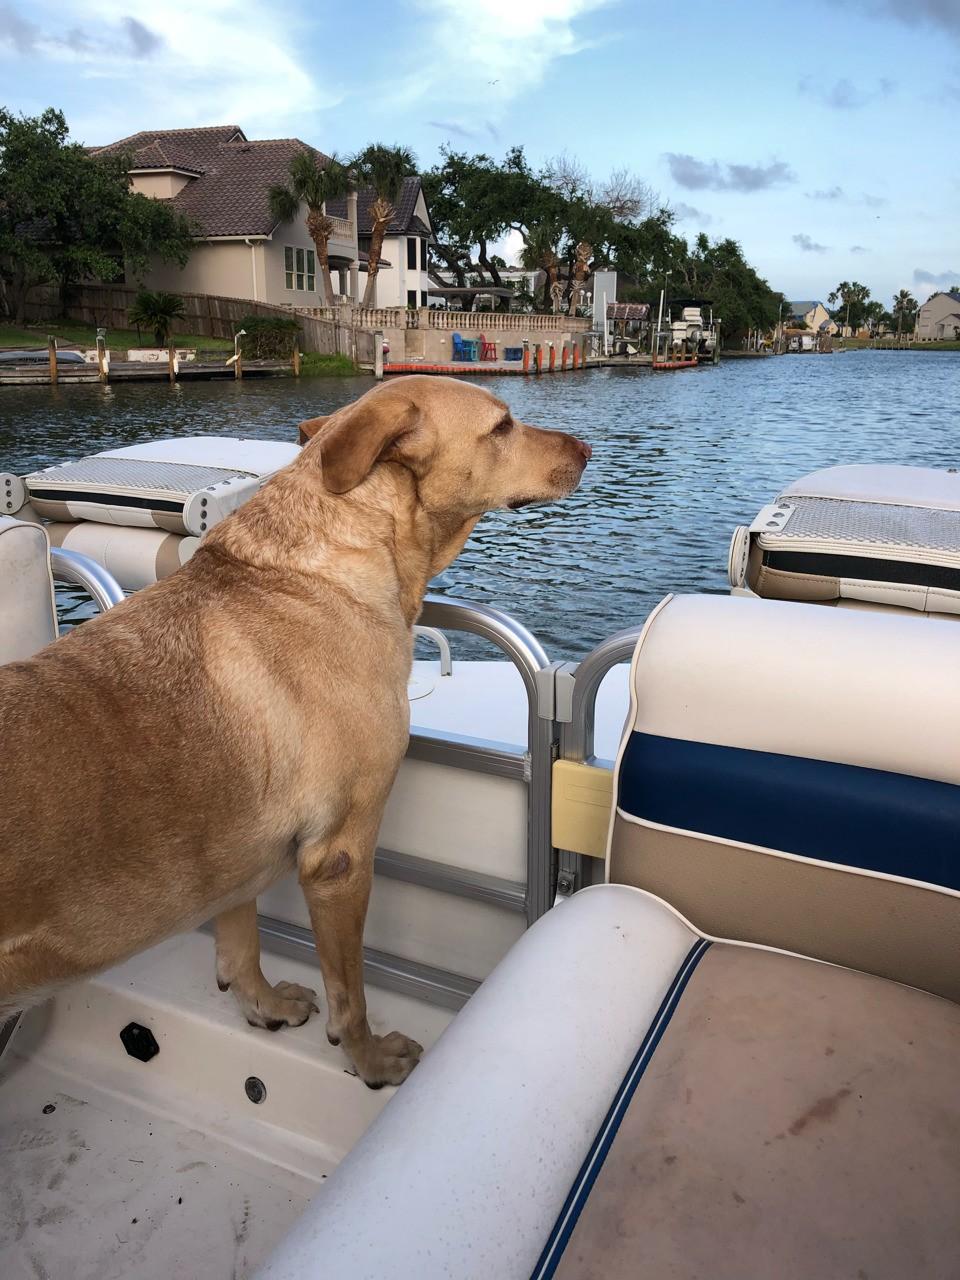 Sassy loves a boat ride. Rockport Tx.